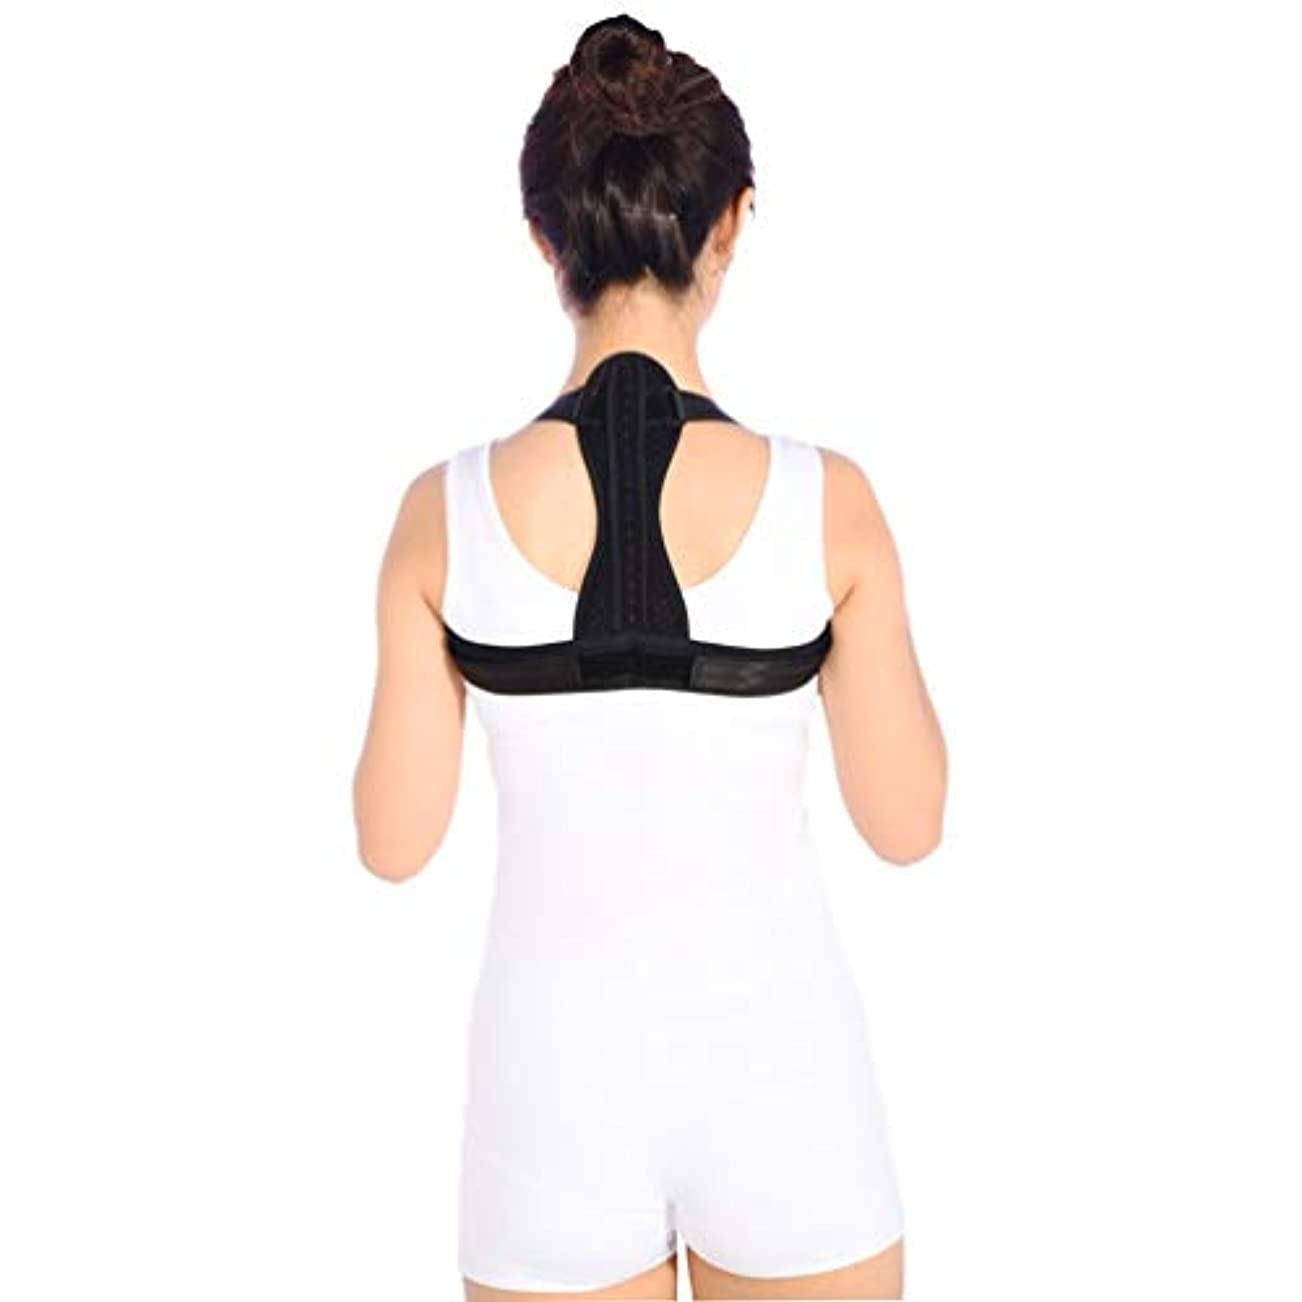 レシピディレクター増幅器通気性の脊柱側弯症ザトウクジラ補正ベルト調節可能な快適さ目に見えないベルト男性女性大人学生子供 - 黒